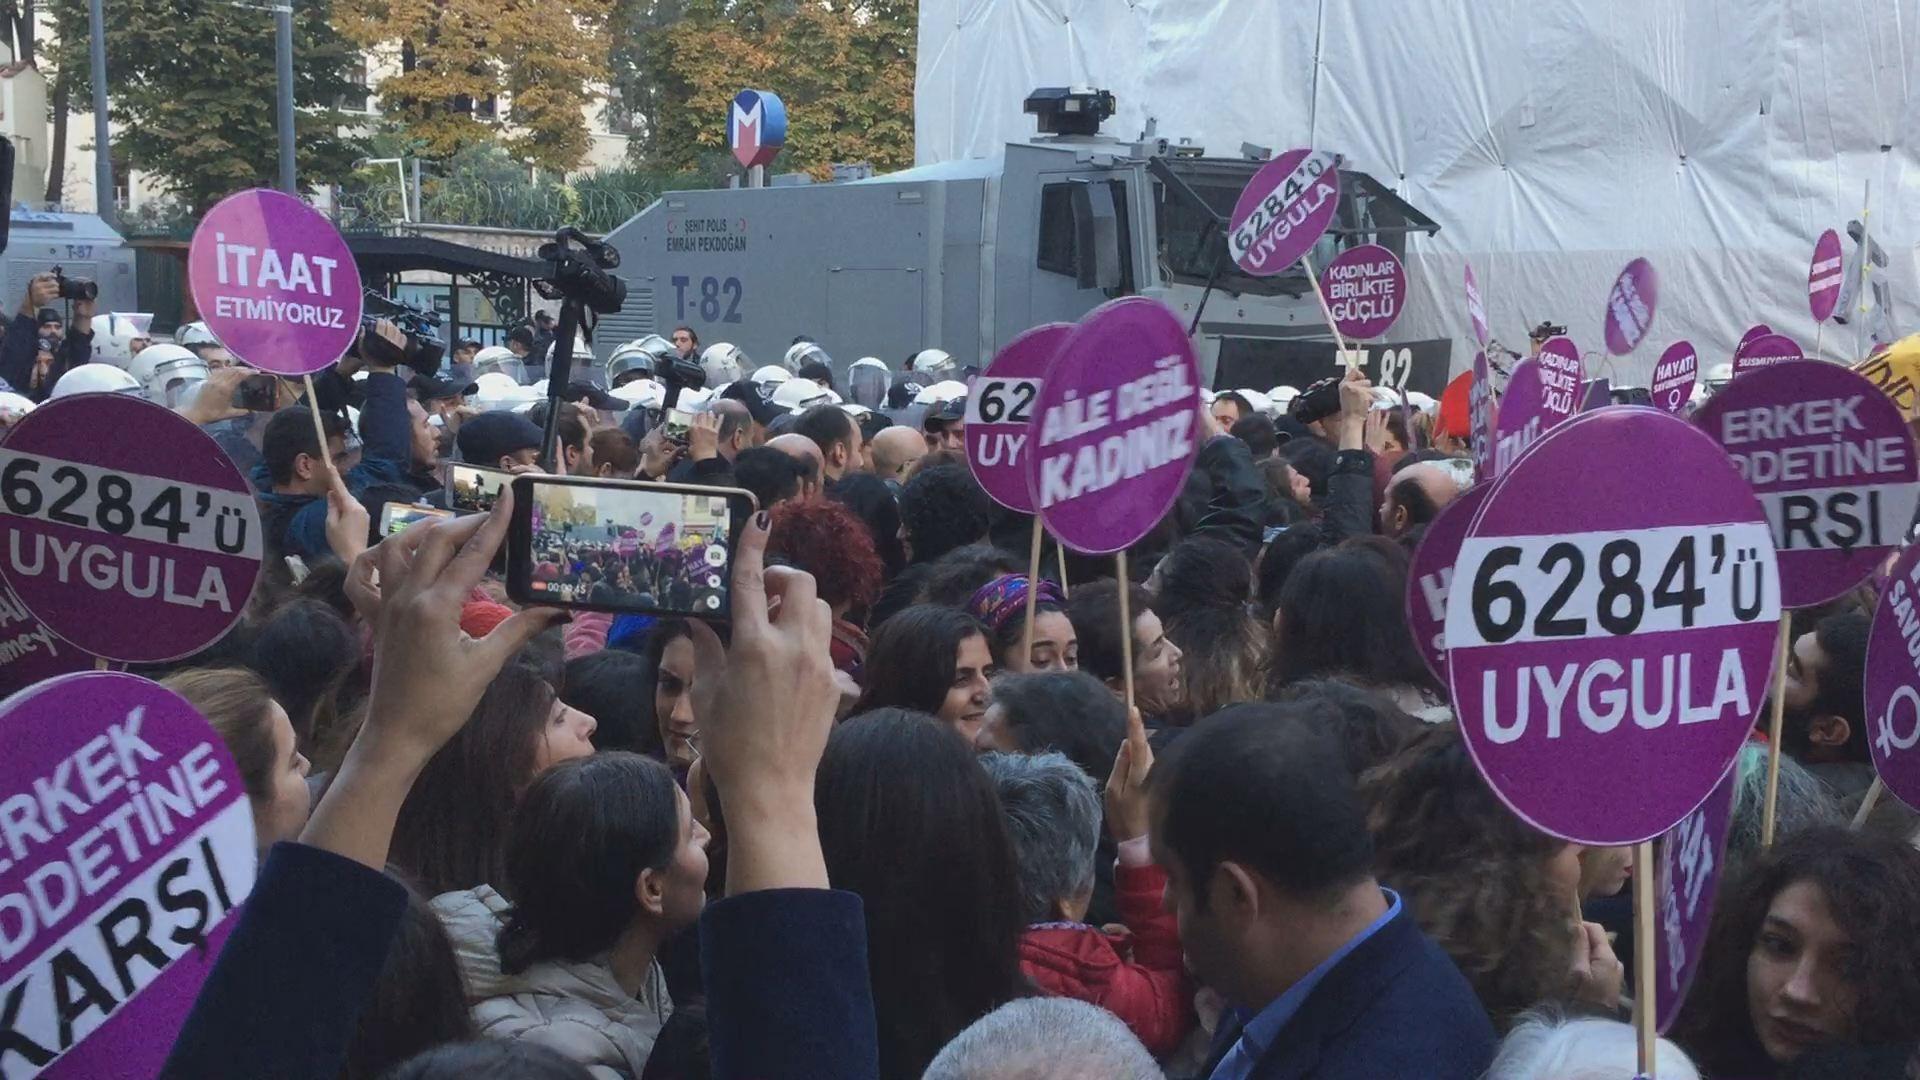 La policía turca impide una marcha contra la violencia machista en Estambul.Maletas en el aeropuerto